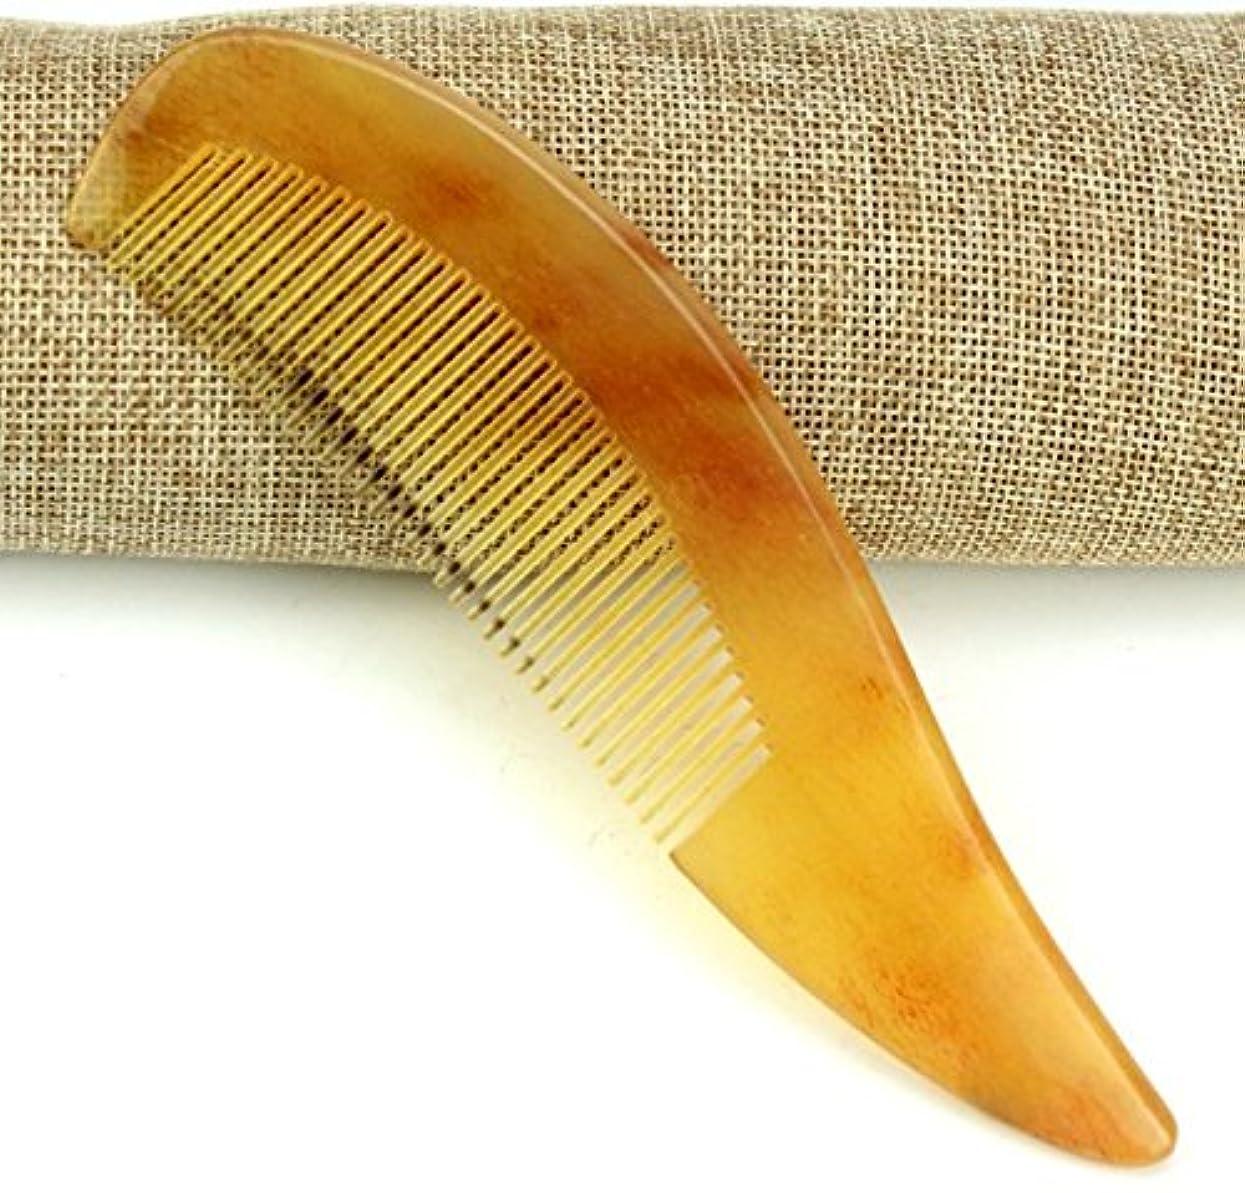 シェフ敏感なお別れ櫛型 プロも使う羊角かっさプレート マサージ用 血行改善 高級 天然 静電気防止 美髪 美顔 ボディ リンパマッサージ